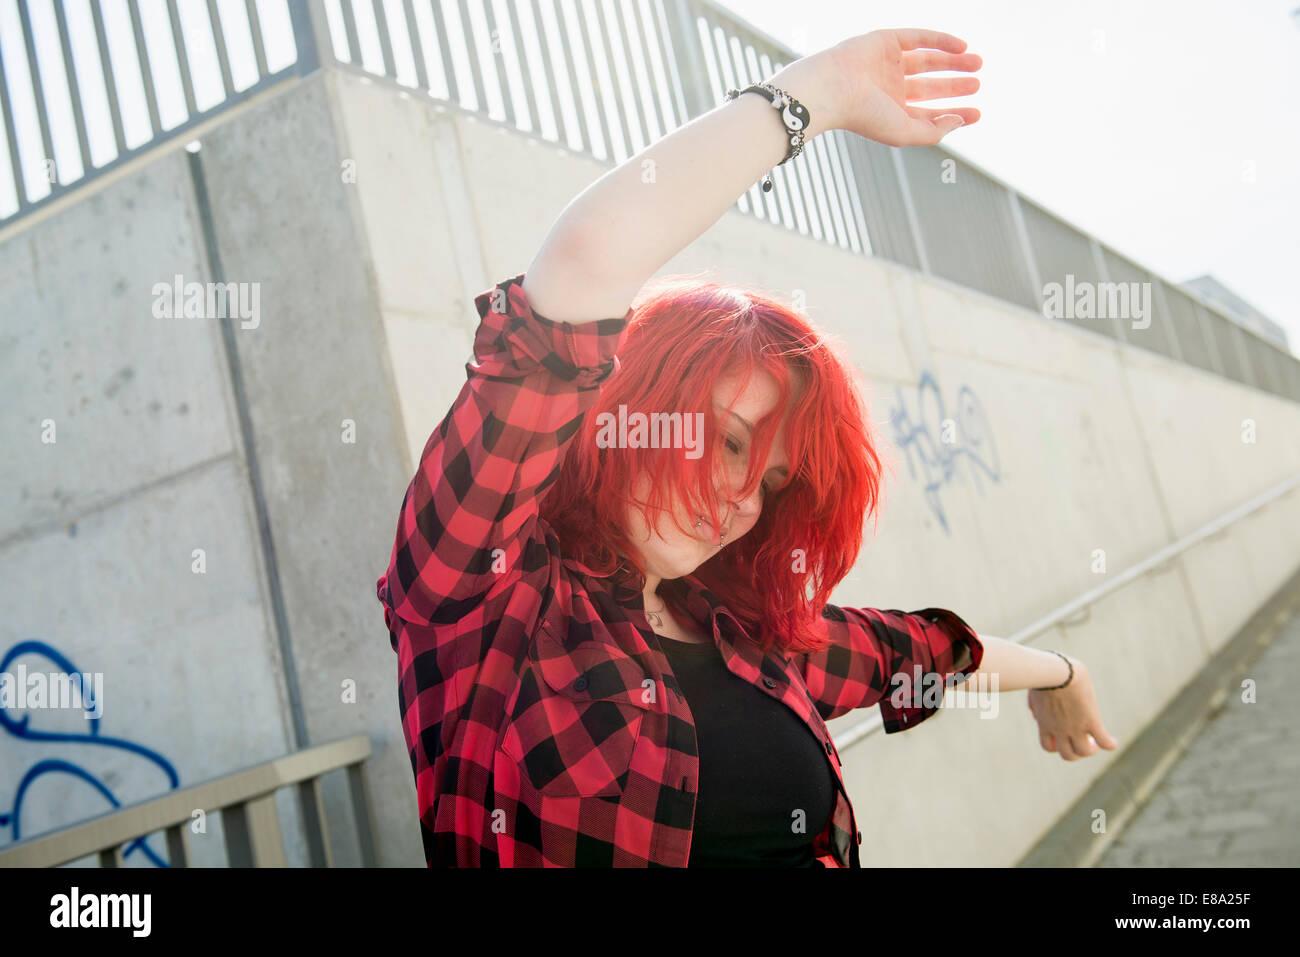 Giovane ragazza adolescente dancing rosso capelli tinti Immagini Stock